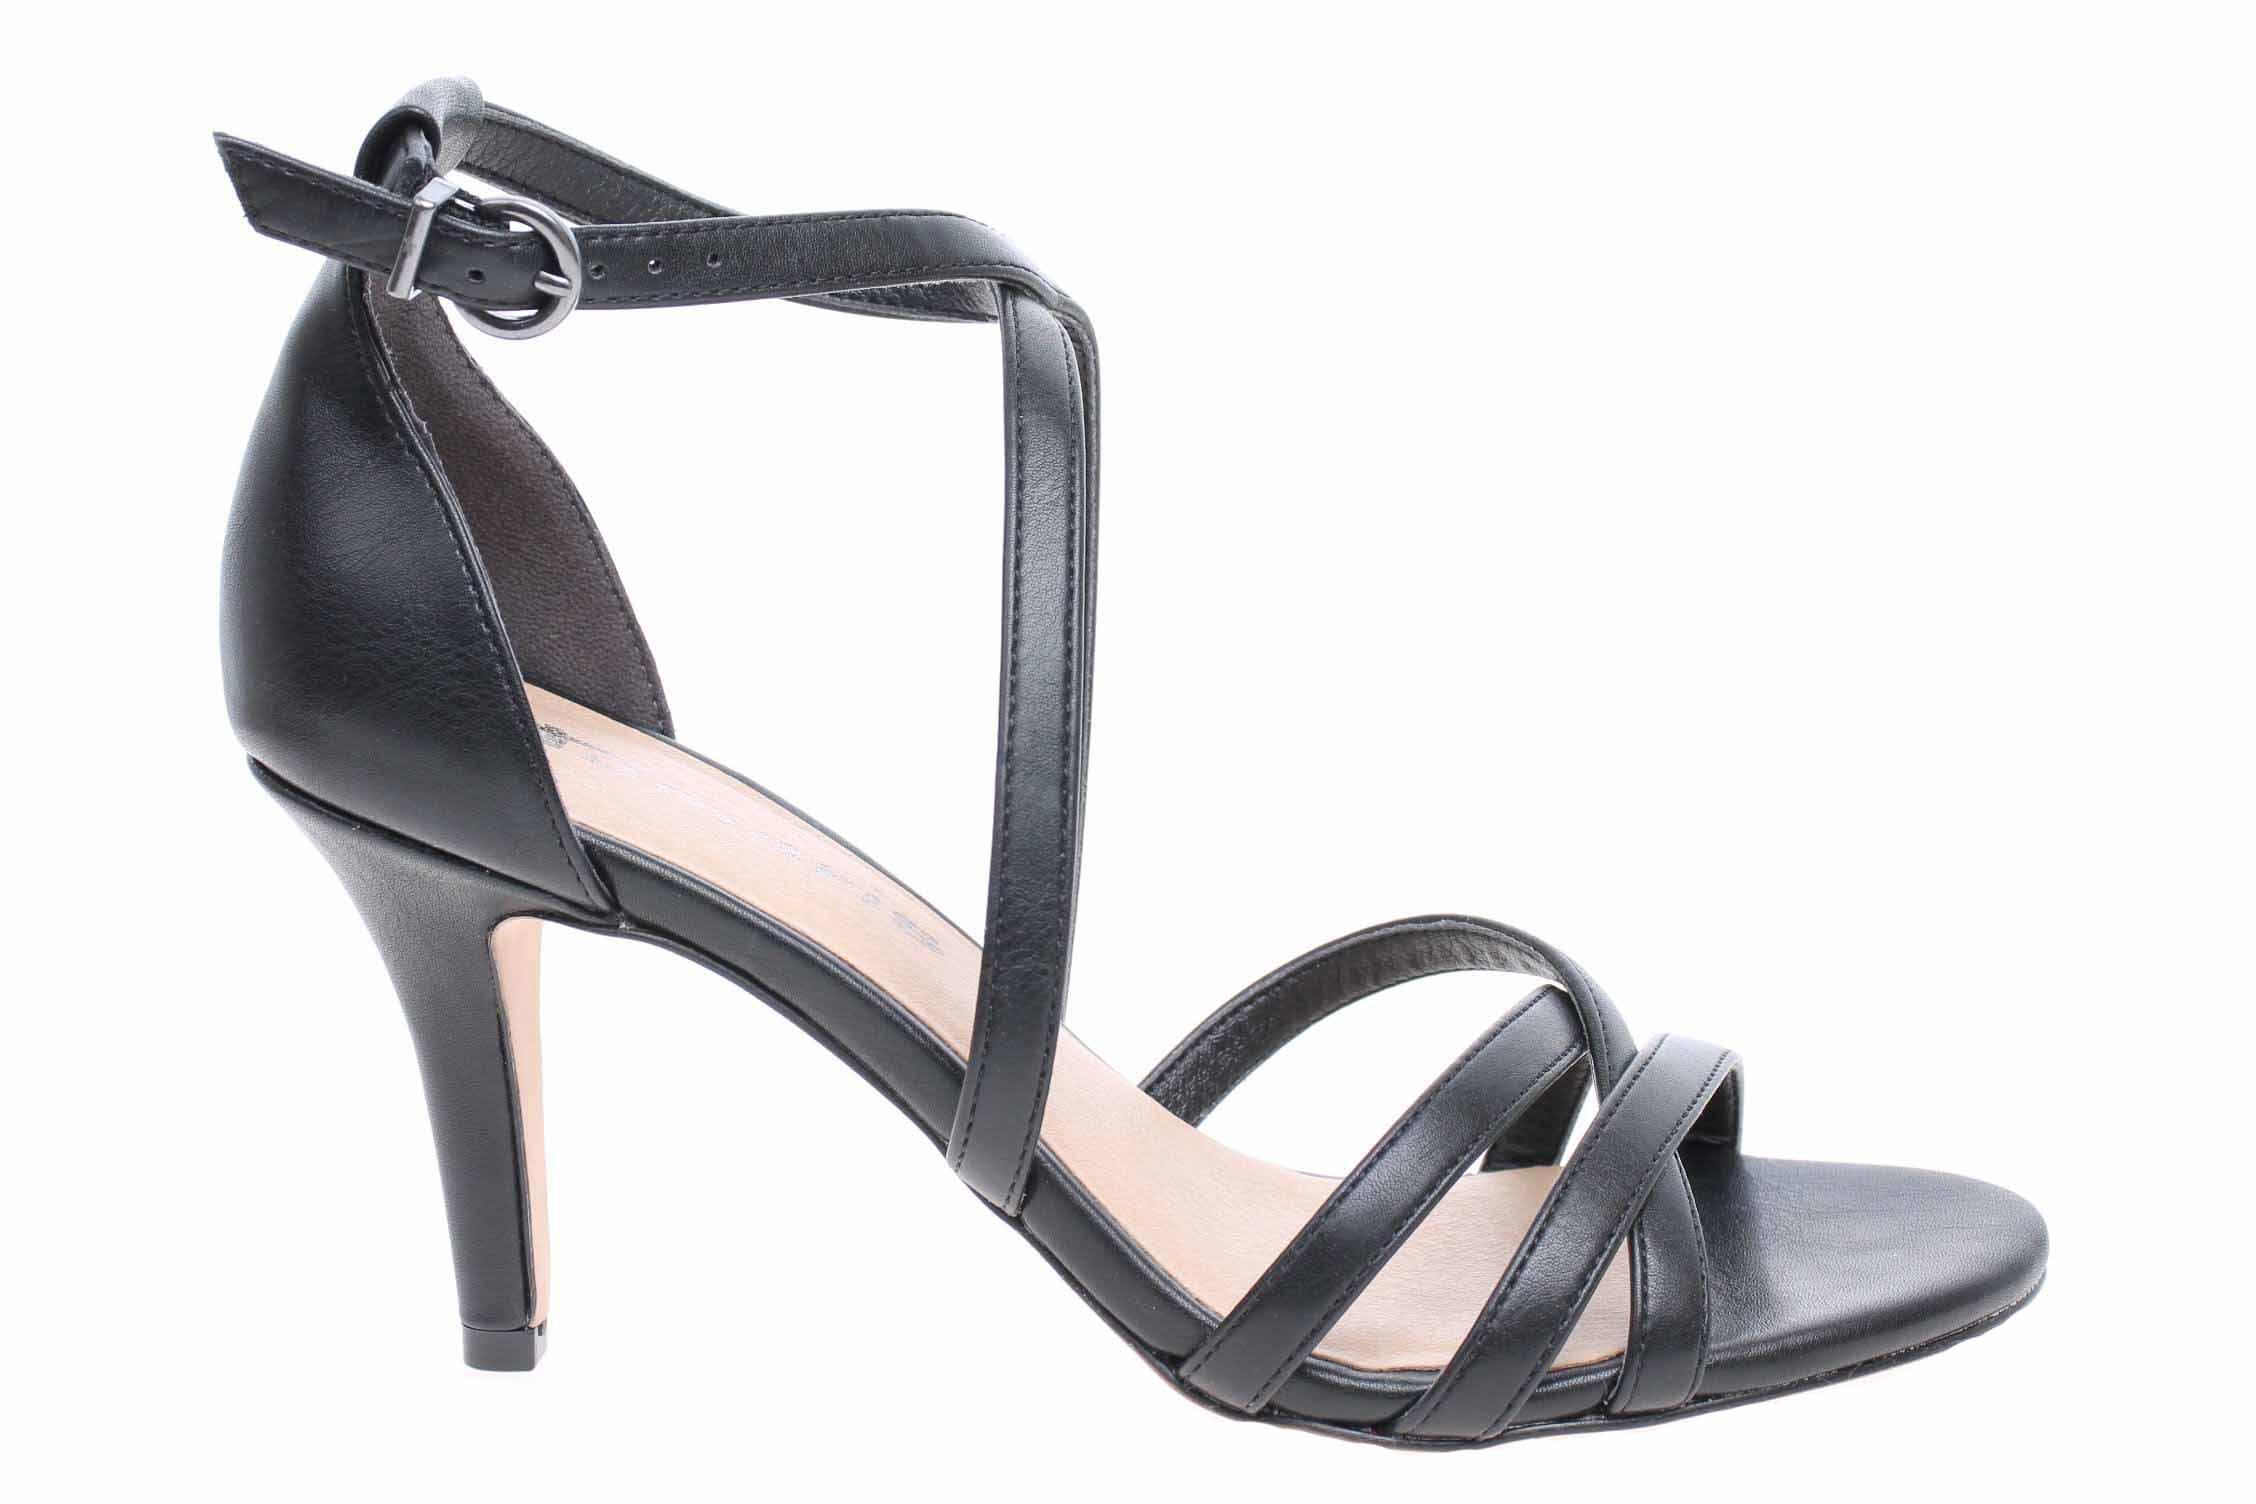 Společenská dámská obuv  b0bfa9f6b4